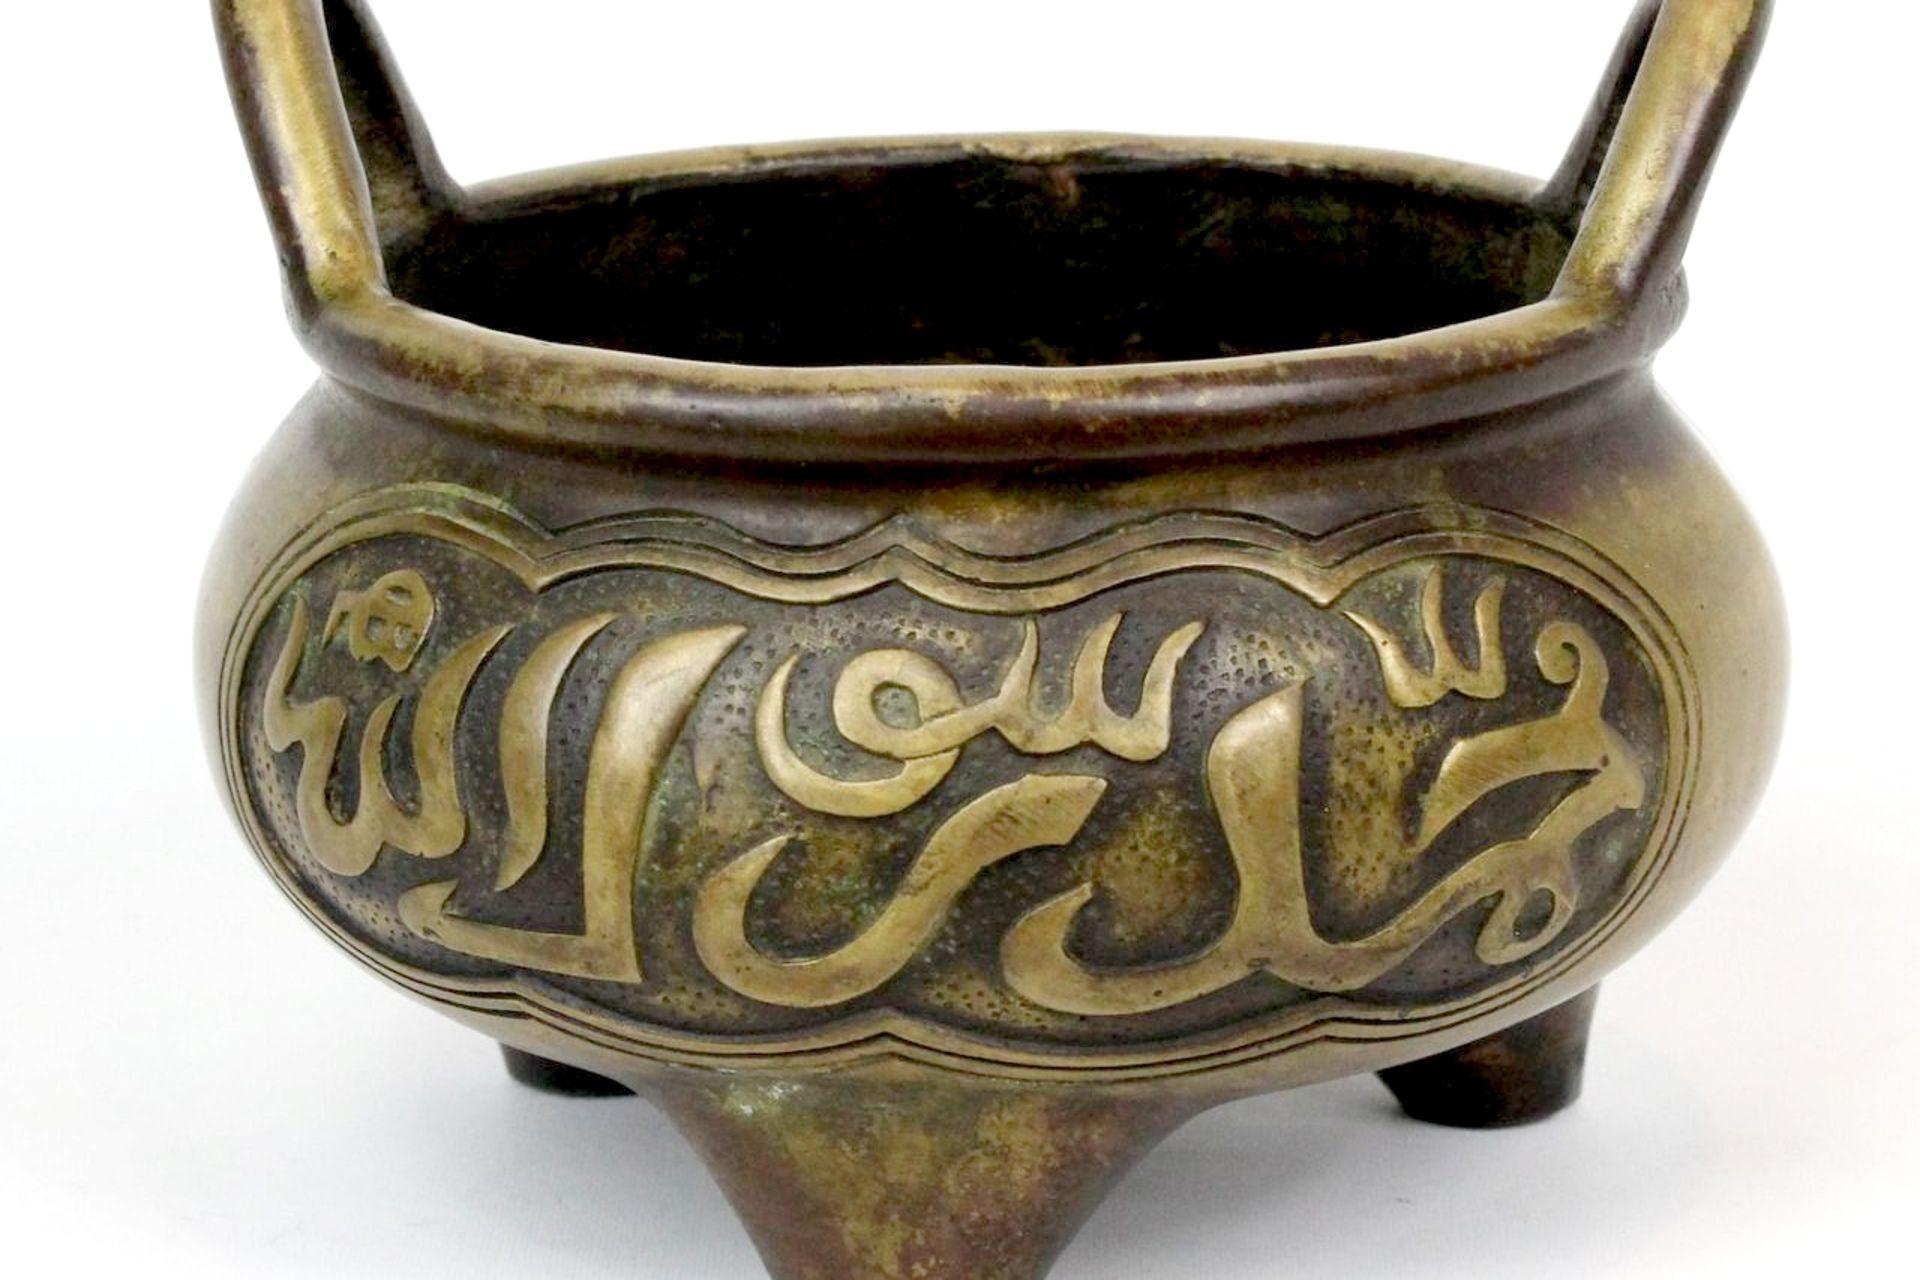 China, Großer seltener Ming Tripot Weihrauchbrenner - Image 11 of 15